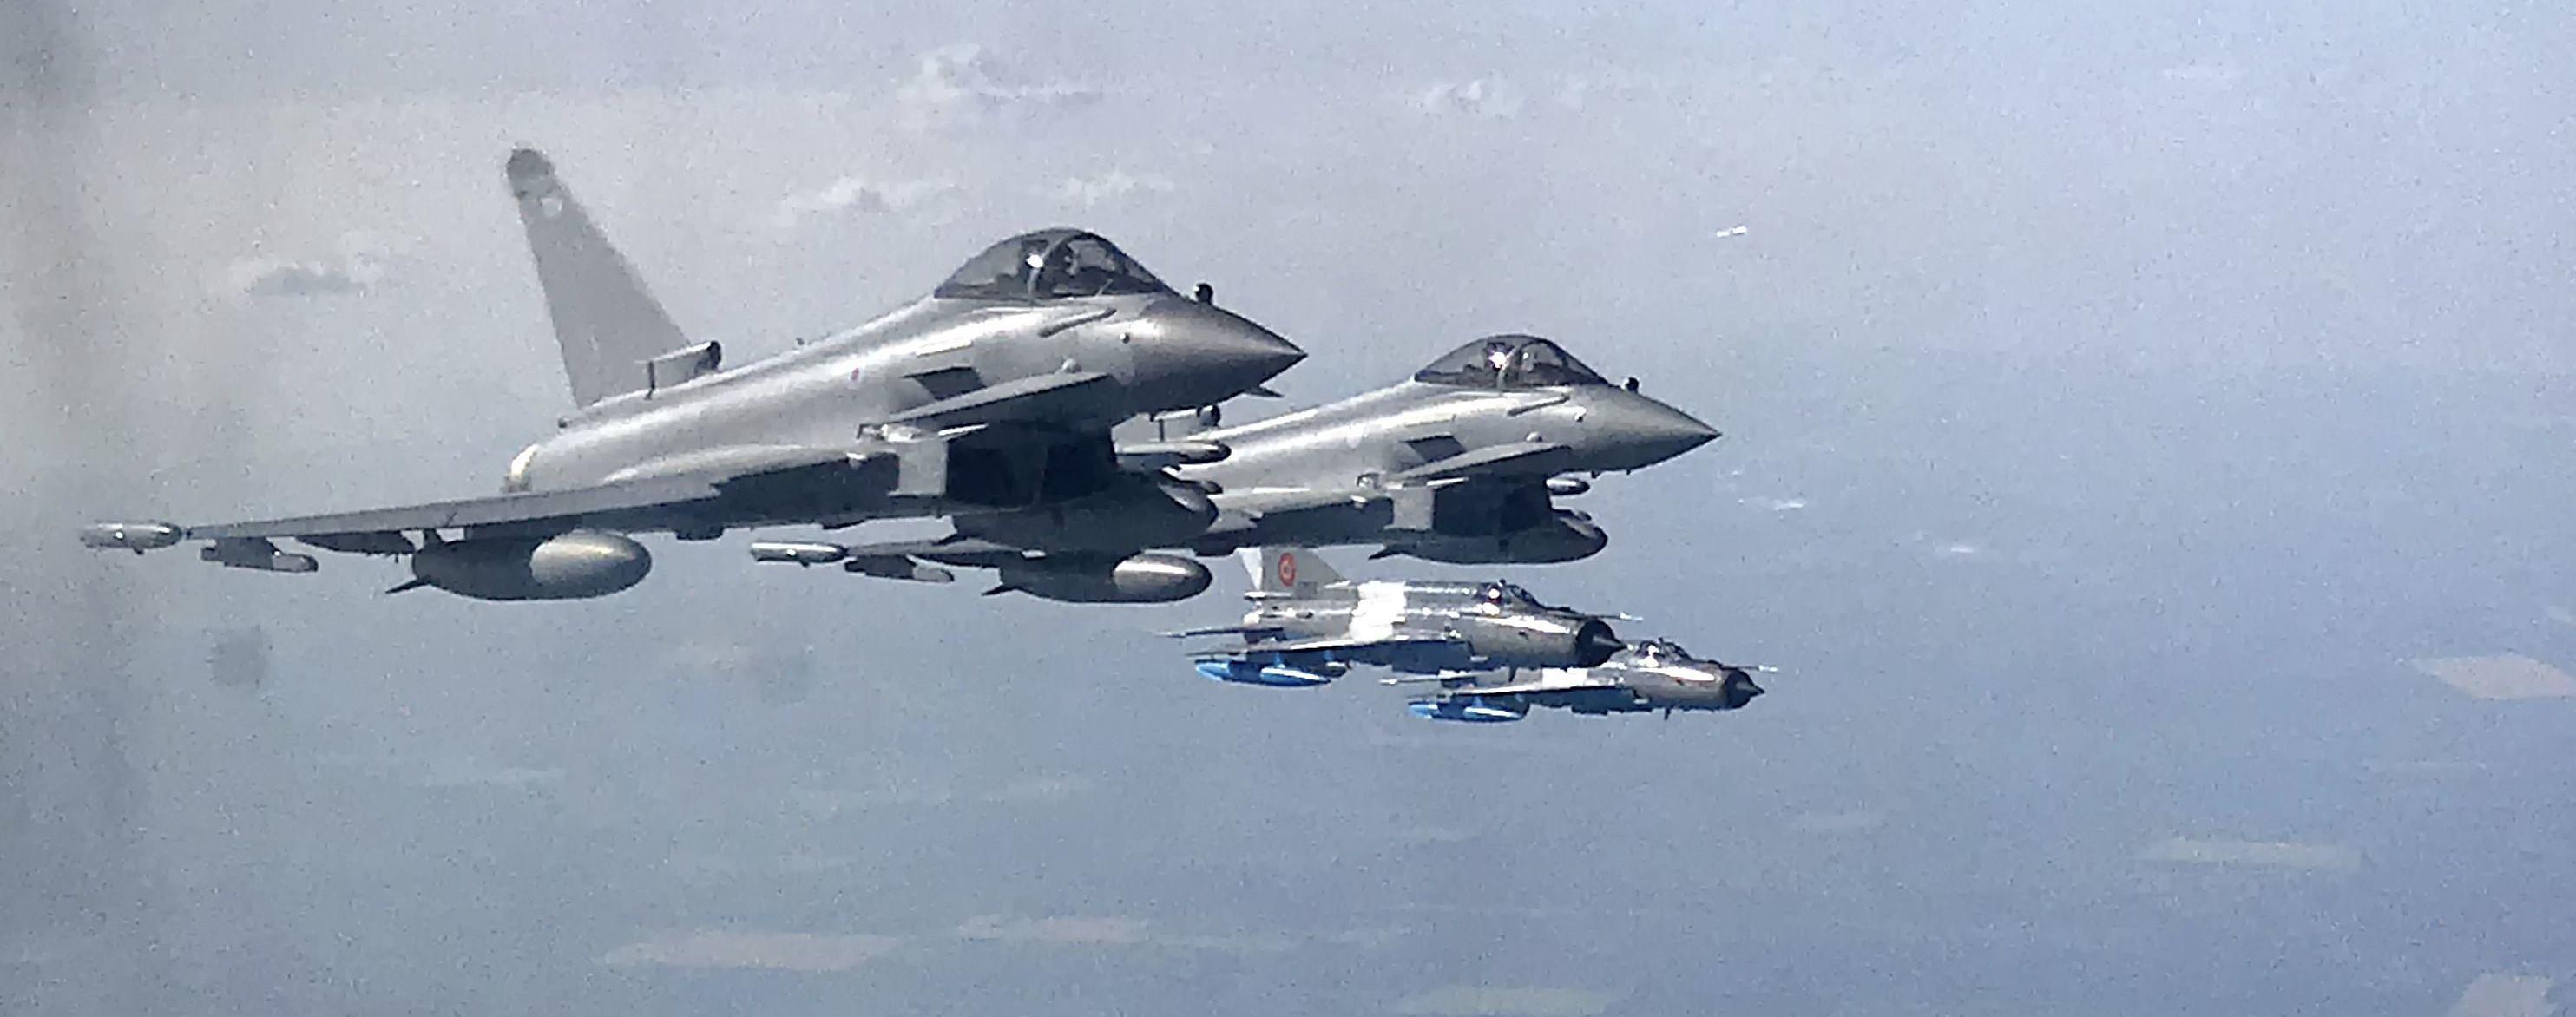 Україна планує оновити Військово-повітряні сили літаками НАТО – Rzeczpospolita